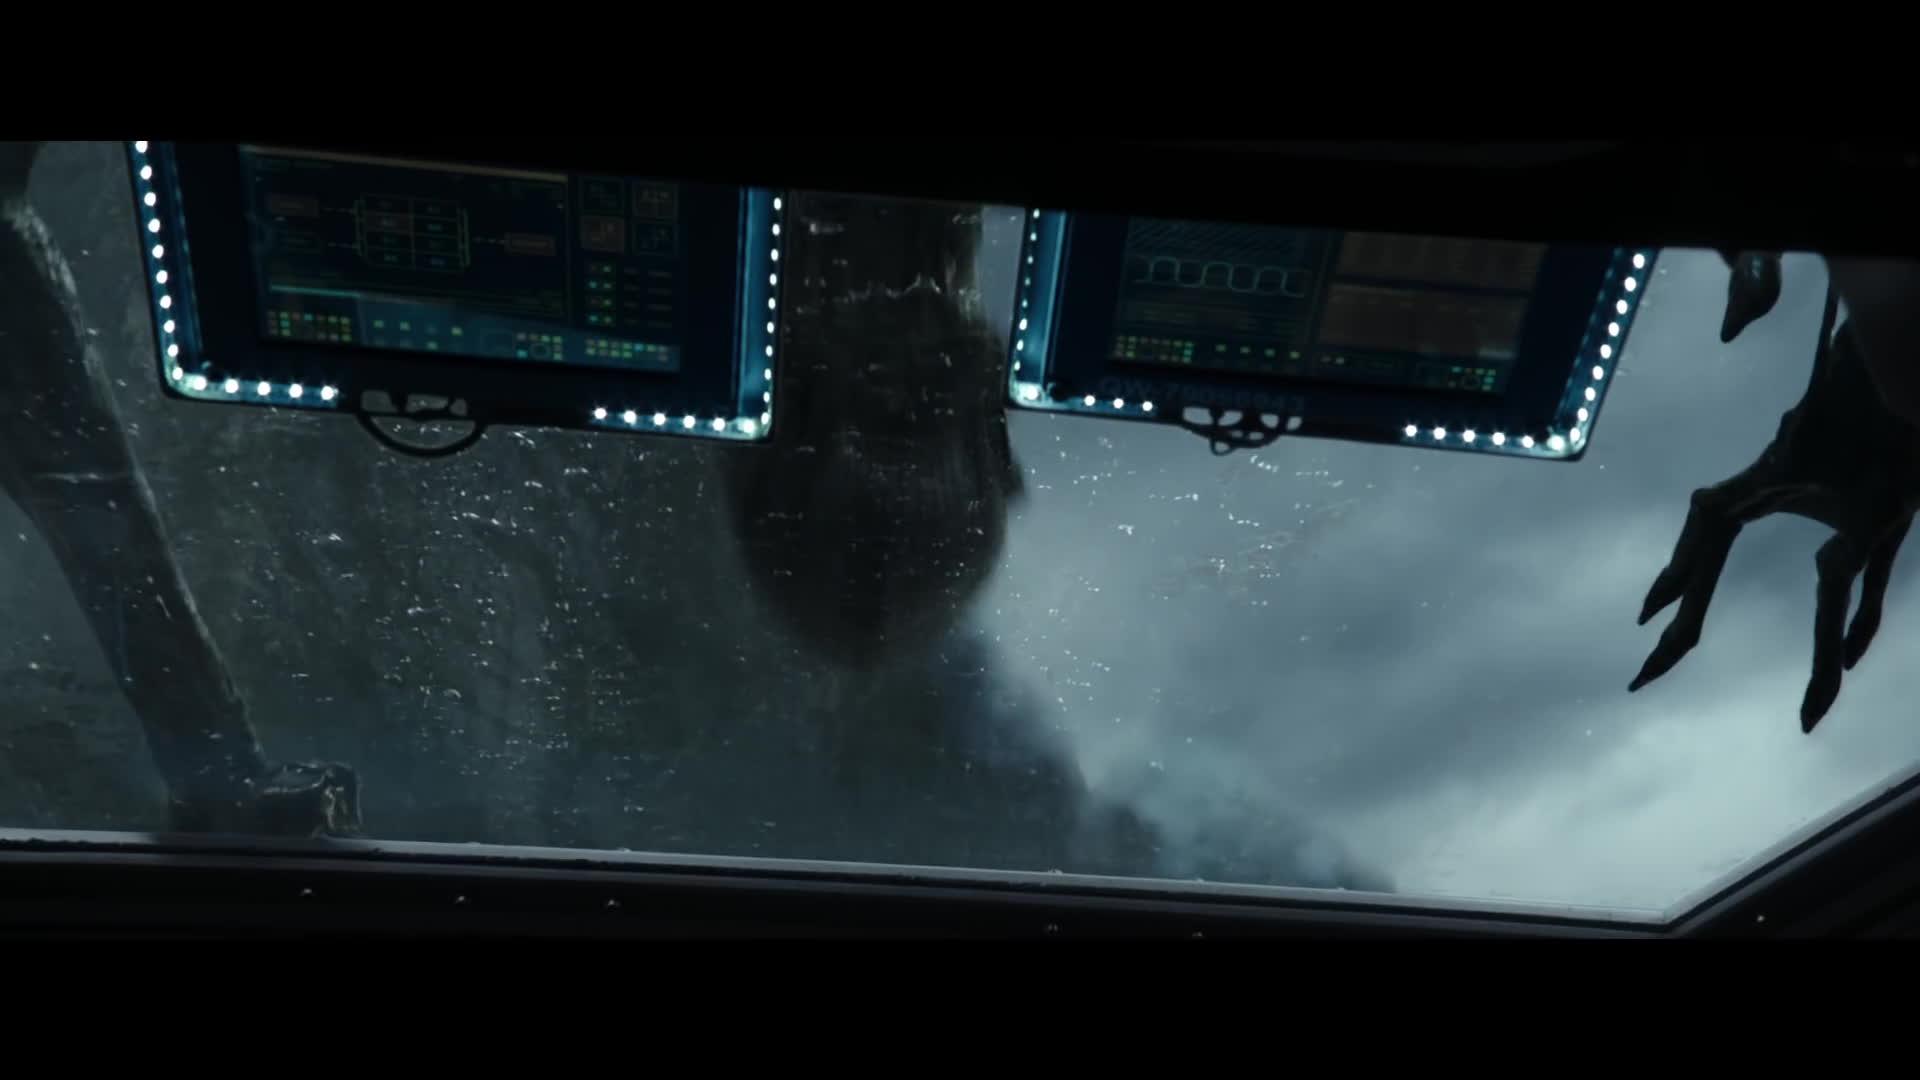 Này Hollywood, đừng tiết lộ tất cả nội dung phim chỉ trong một trailer nữa!